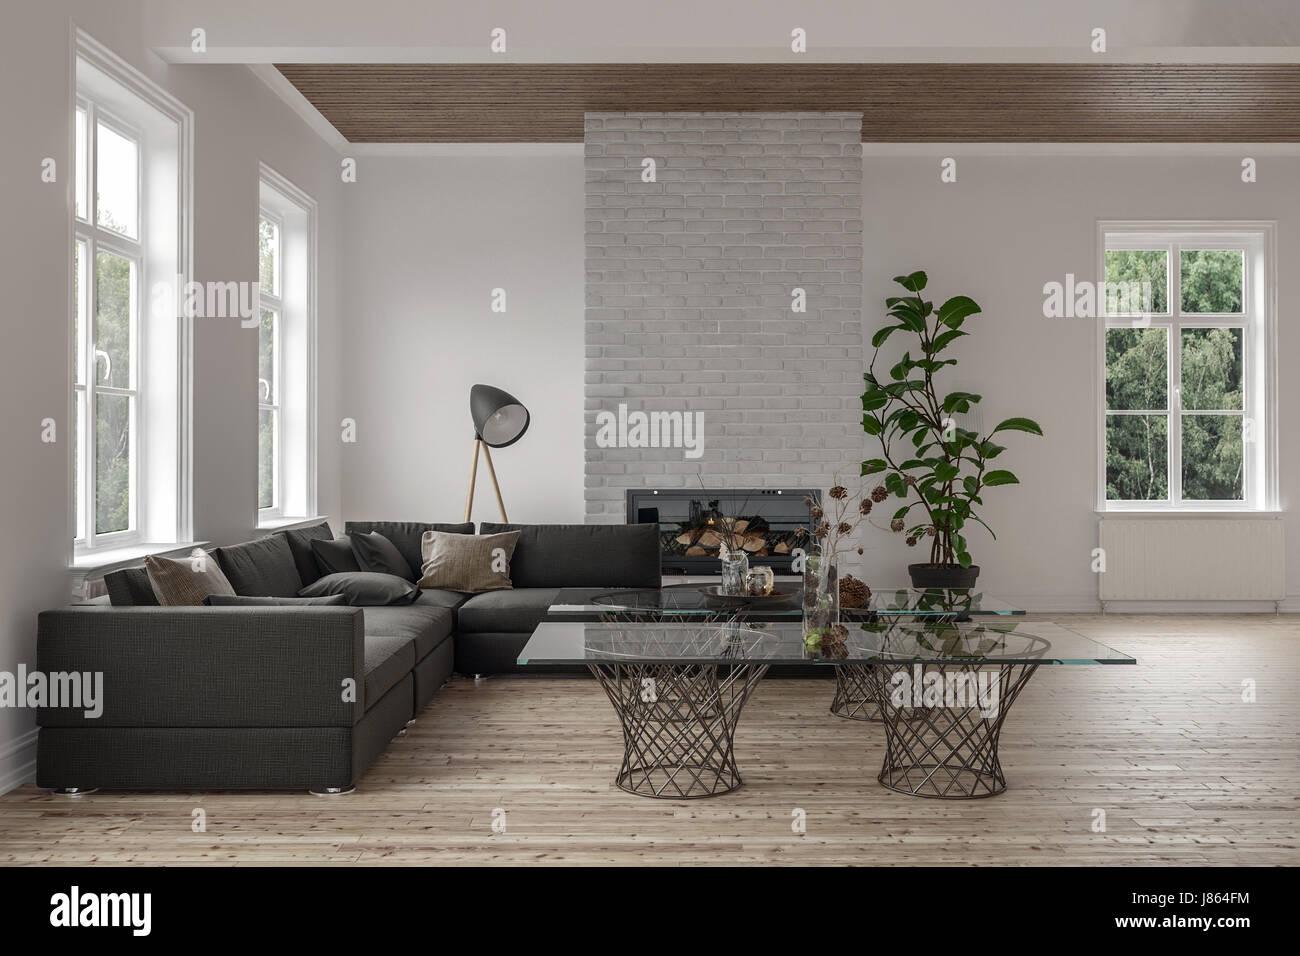 Moderne Fußboden Wohnzimmer ~ Moderne wohnzimmer interieur mit feuer einfügen und hölzernen